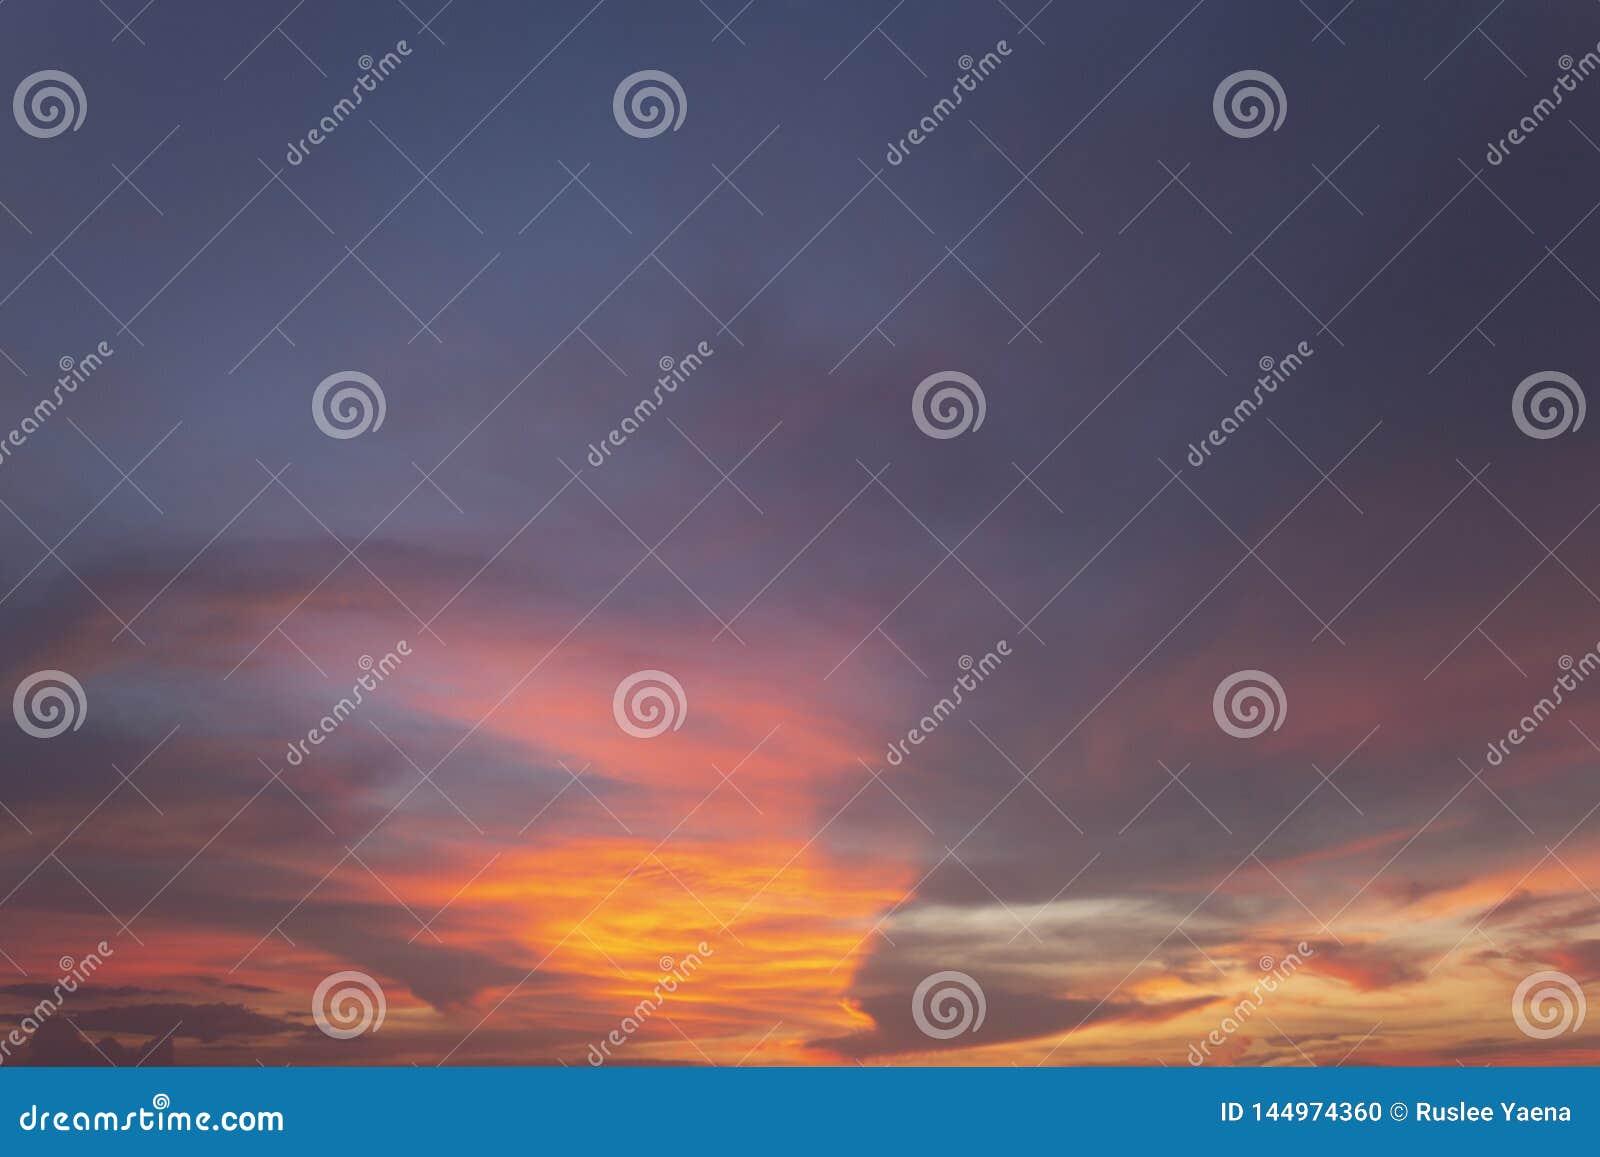 Естественное небо вечера цветов посветить новому дню для рая, свет от